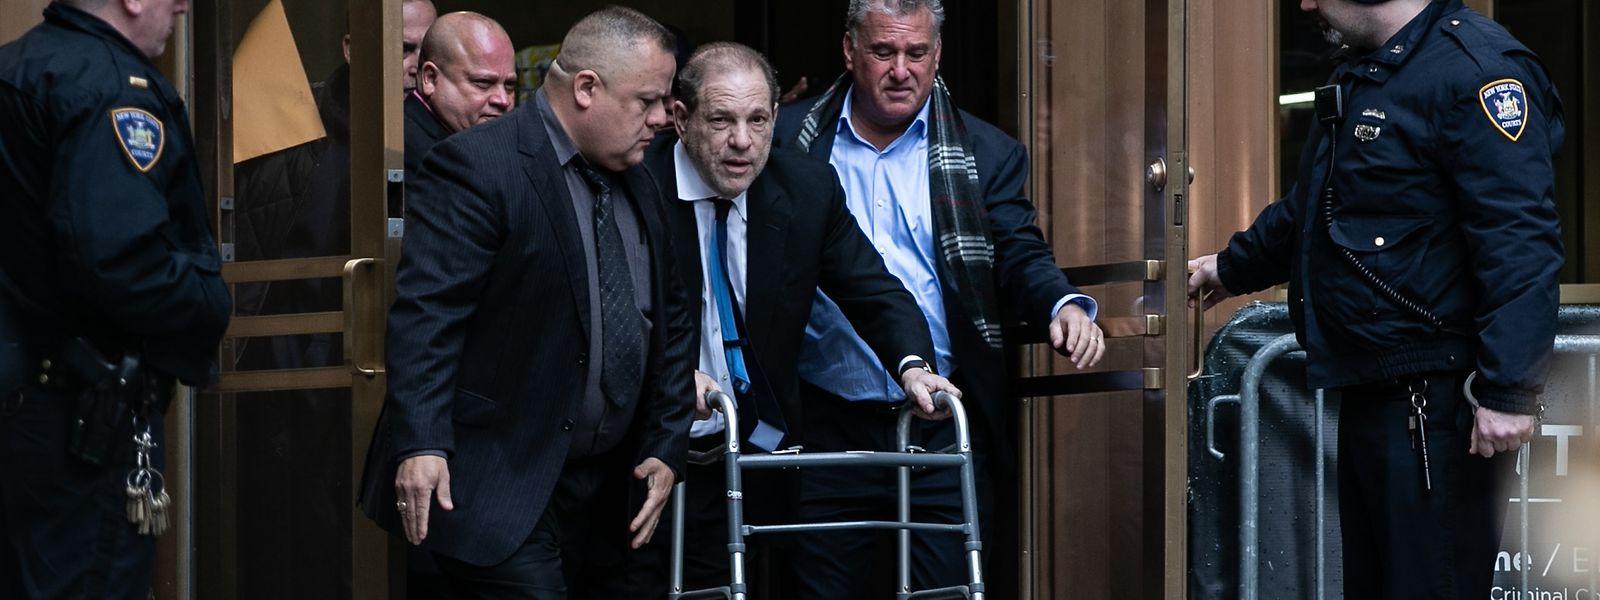 Weinsteins Kaution wurde von einem New Yorker Gericht von einer auf fünf Millionen Dollar erhöht.